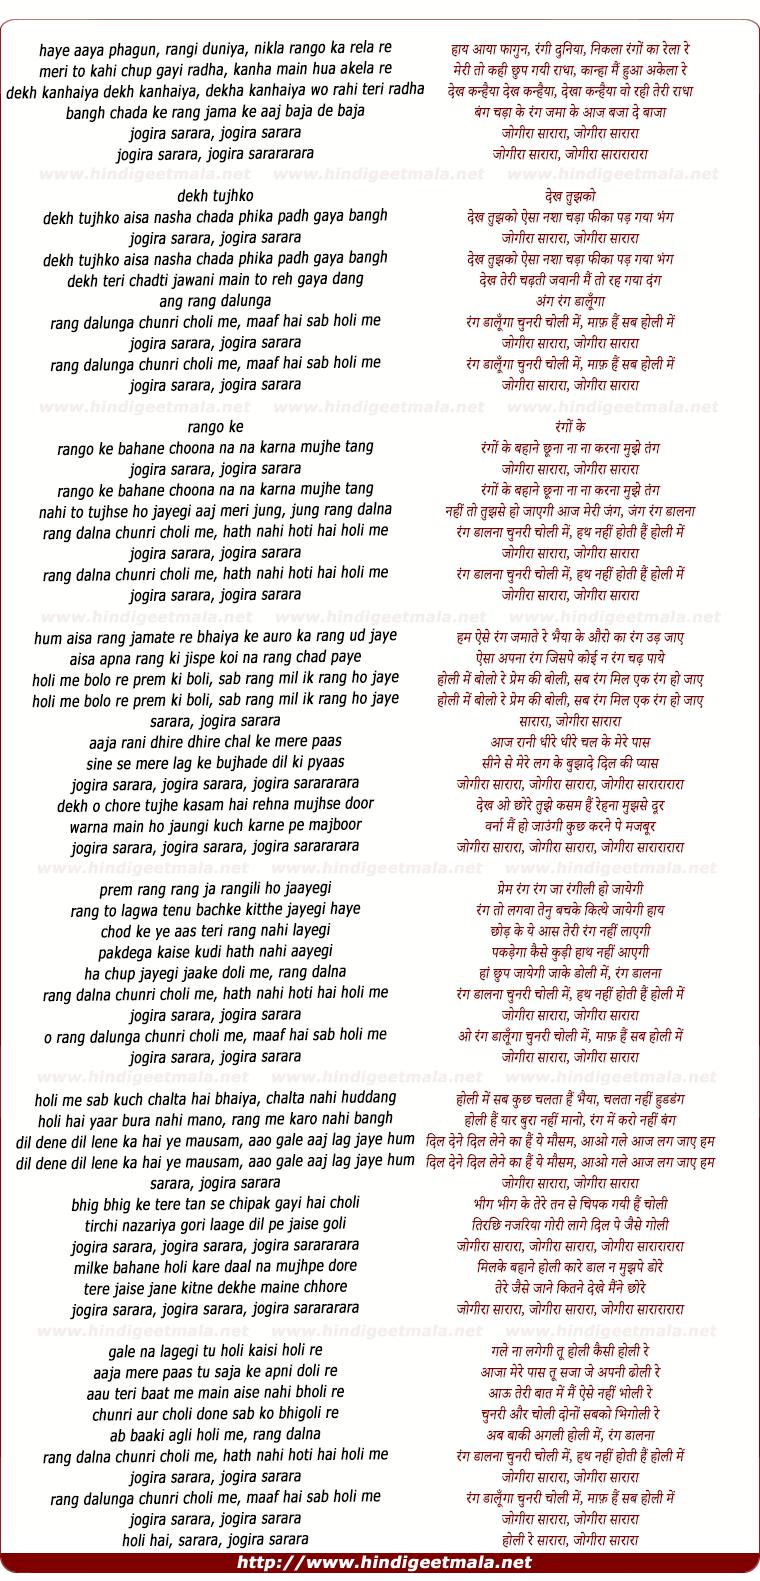 lyrics of song Jogira Sarara, Bangh Chada Ke Rang Jama Ke